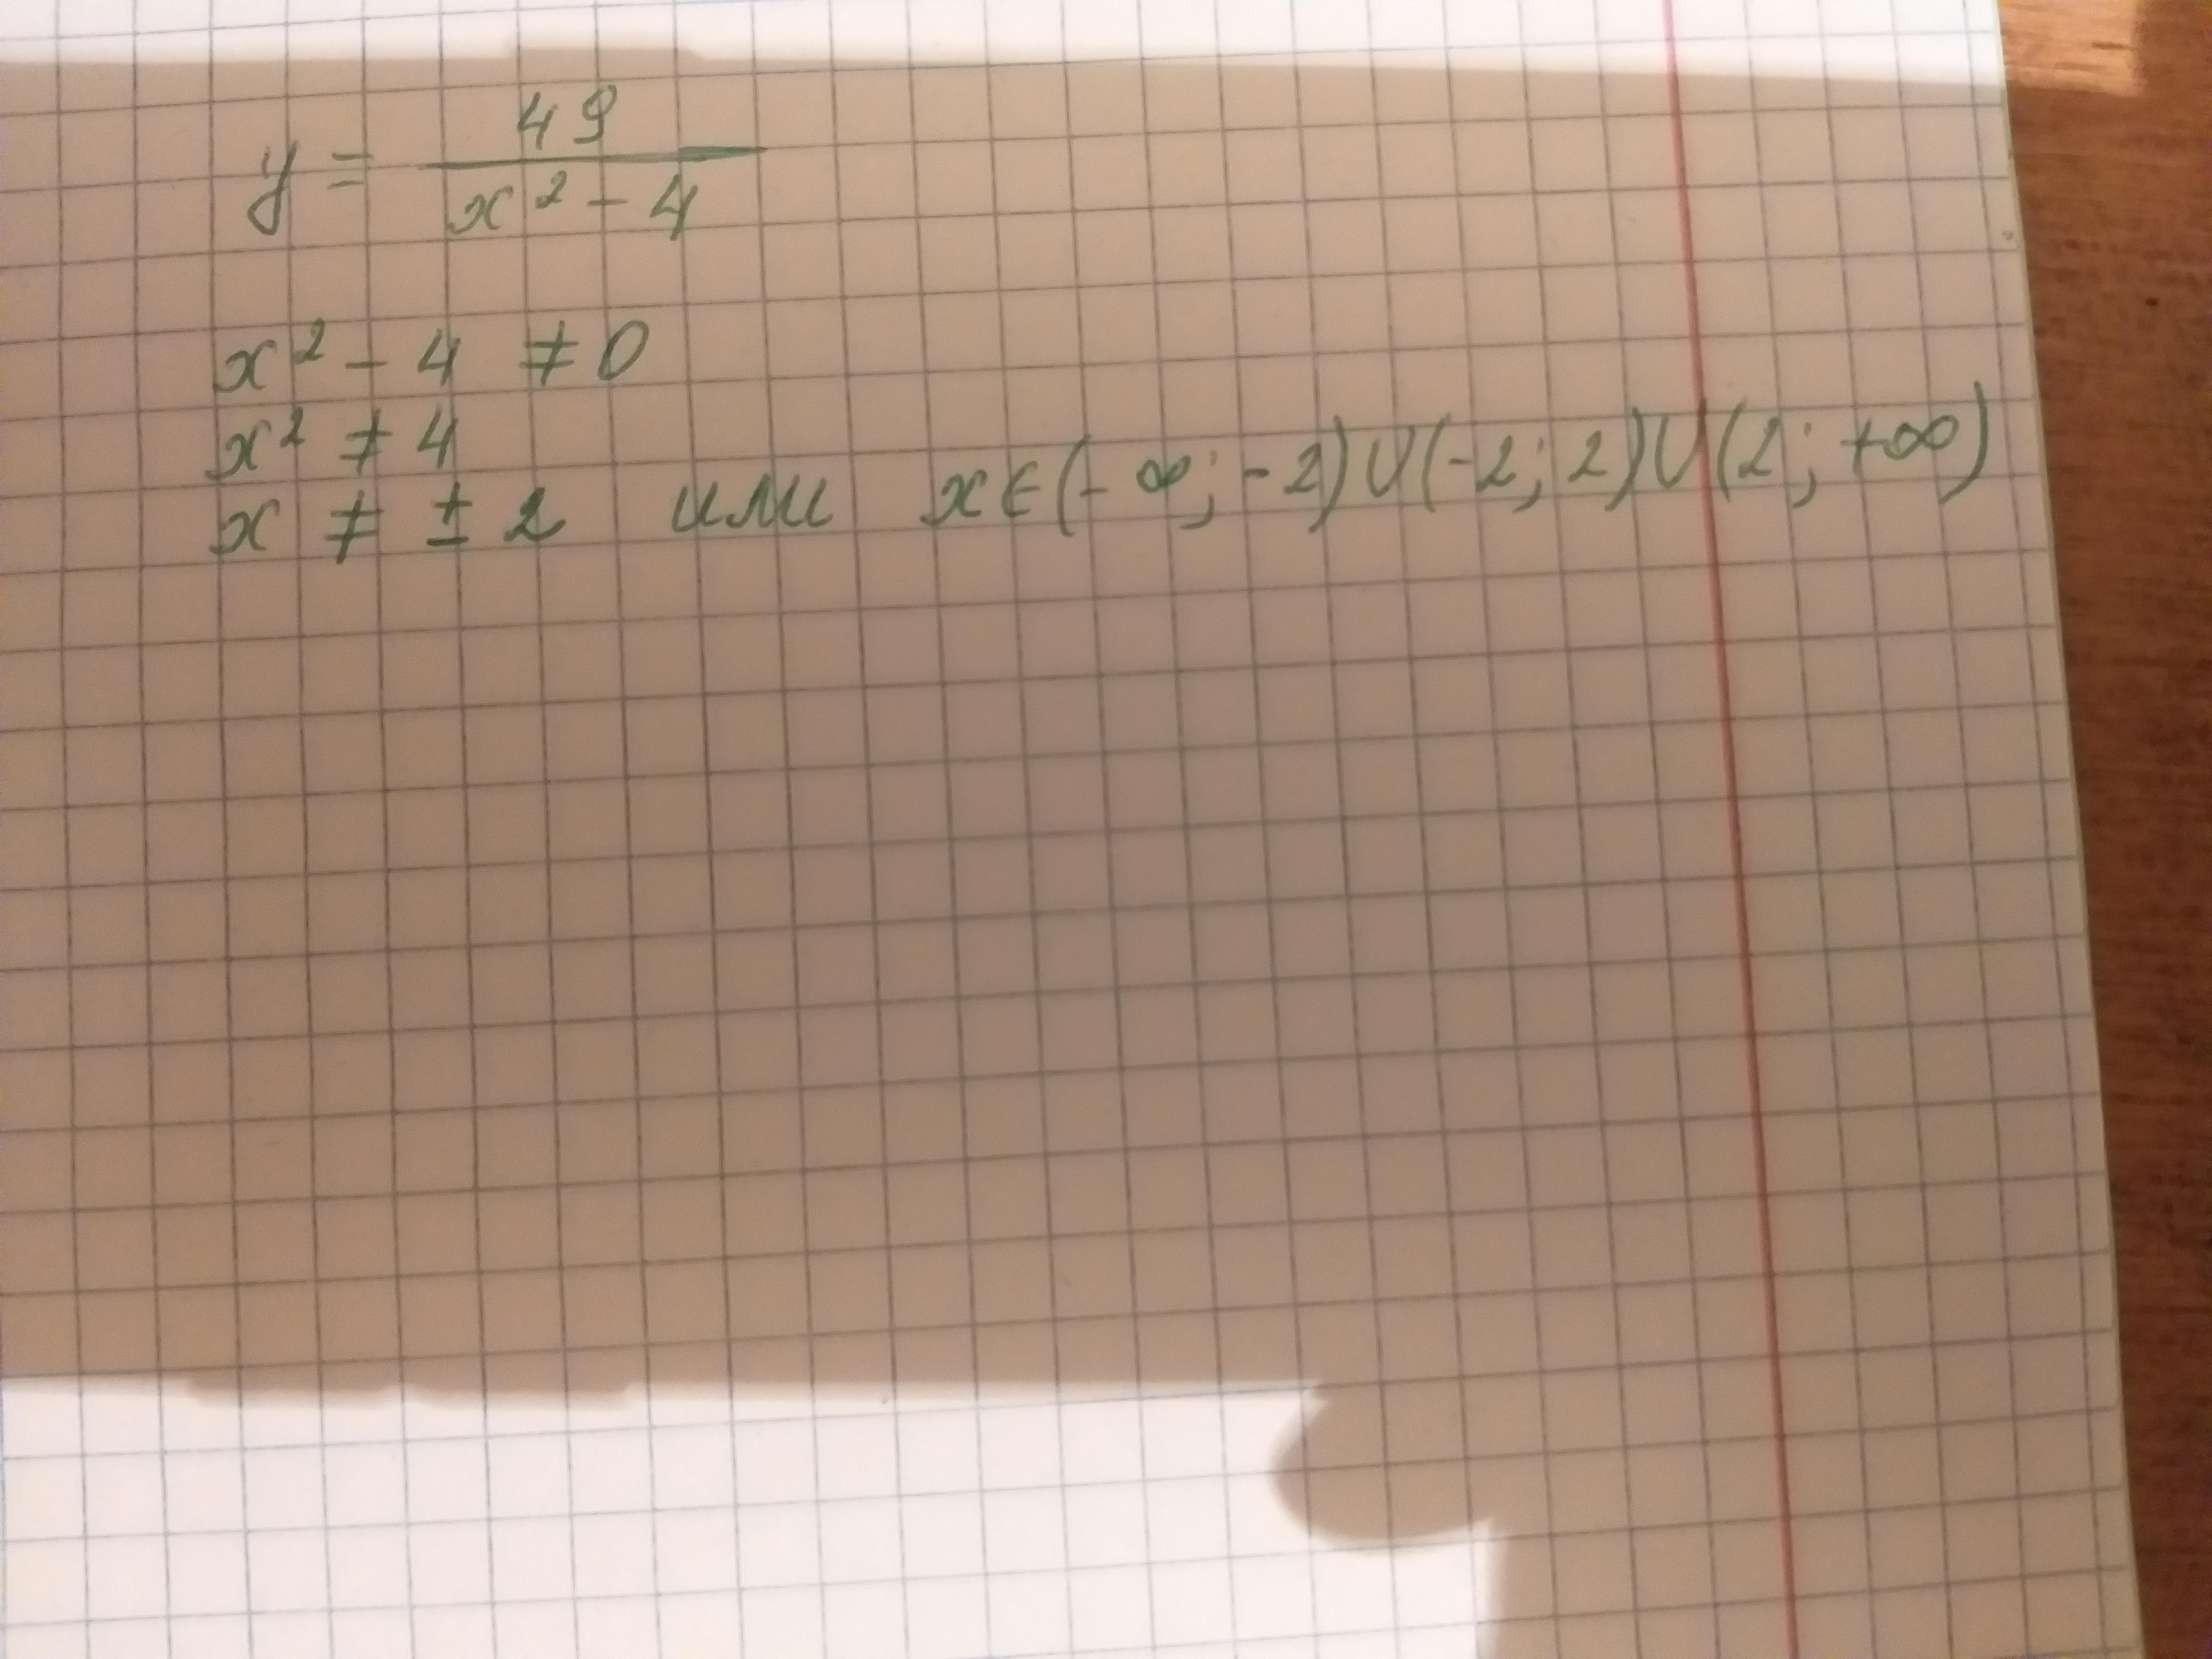 Найдите область определения функции у=49/x^2-4